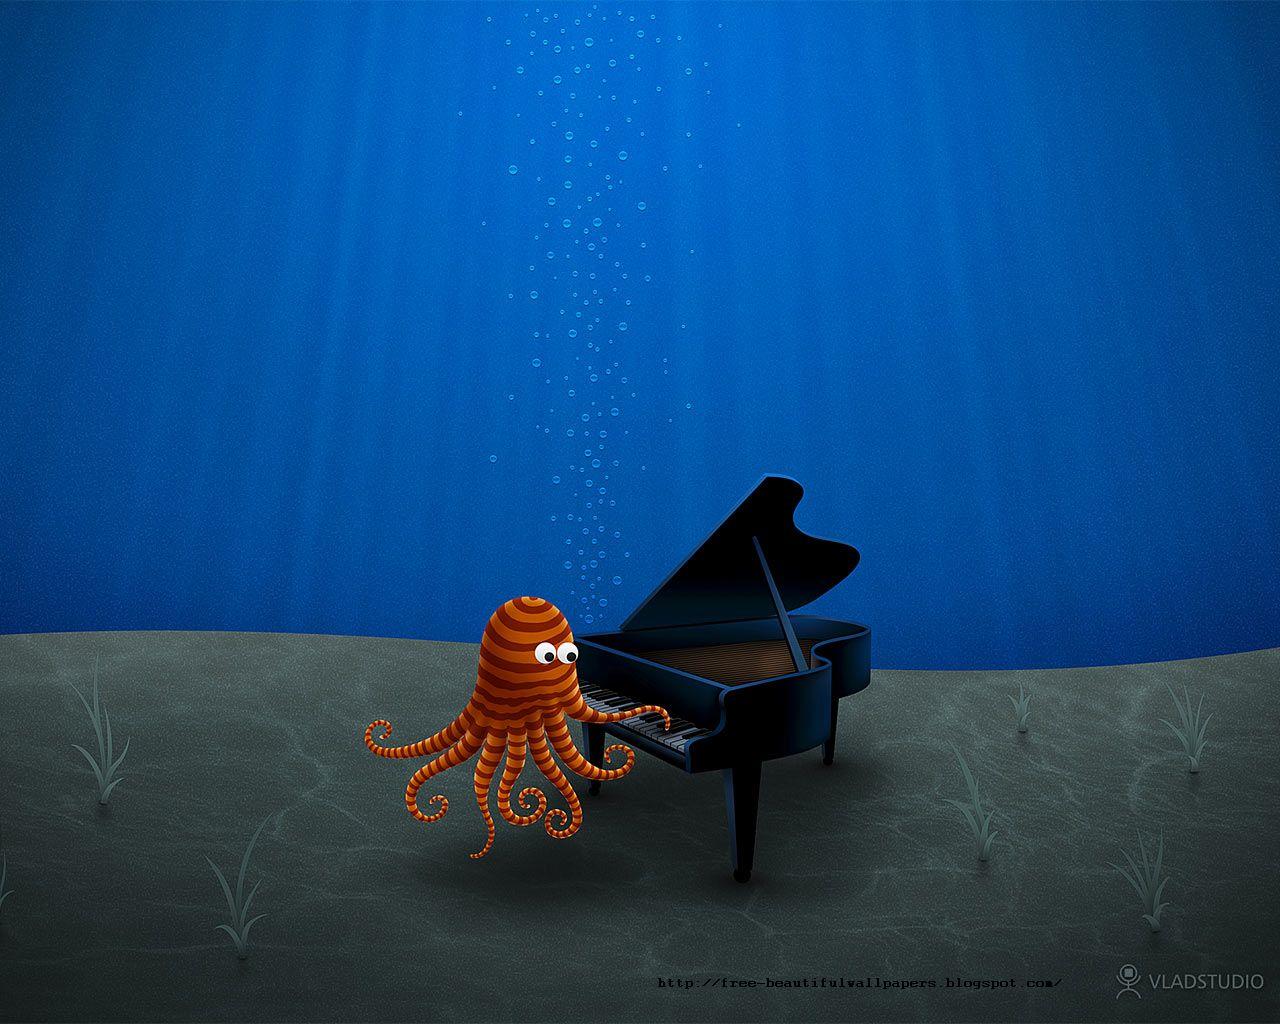 http://2.bp.blogspot.com/-Hkktu_sXAs0/TlFCZRlot-I/AAAAAAAAAYU/5OyPTp6NSWw/s1600/6-1186-pianist_1280x1024.jpg